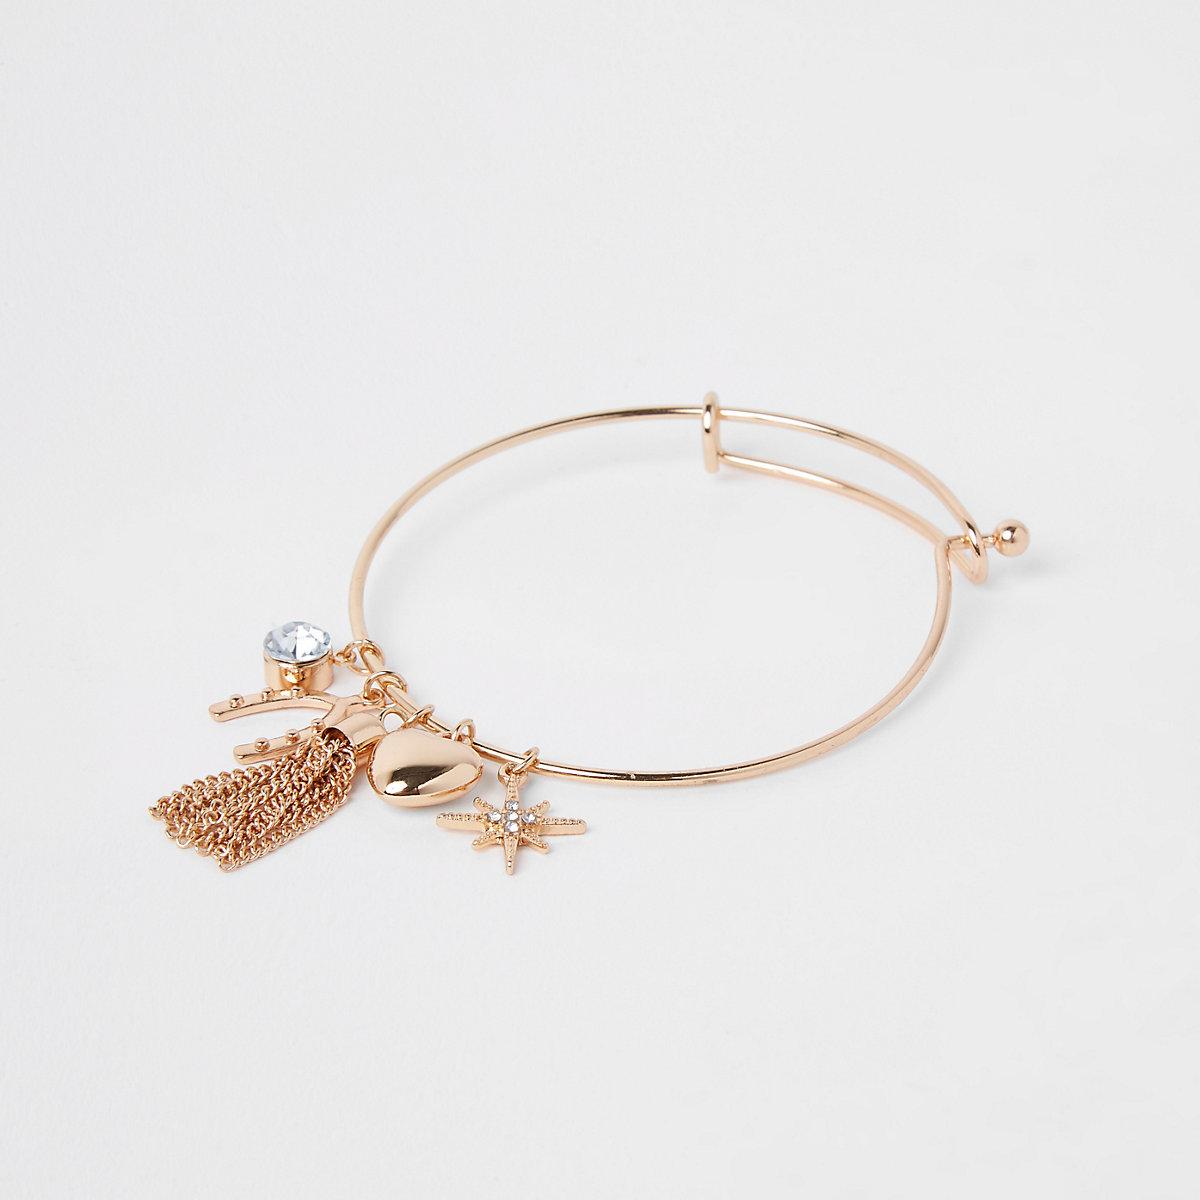 Girls gold charm bracelet